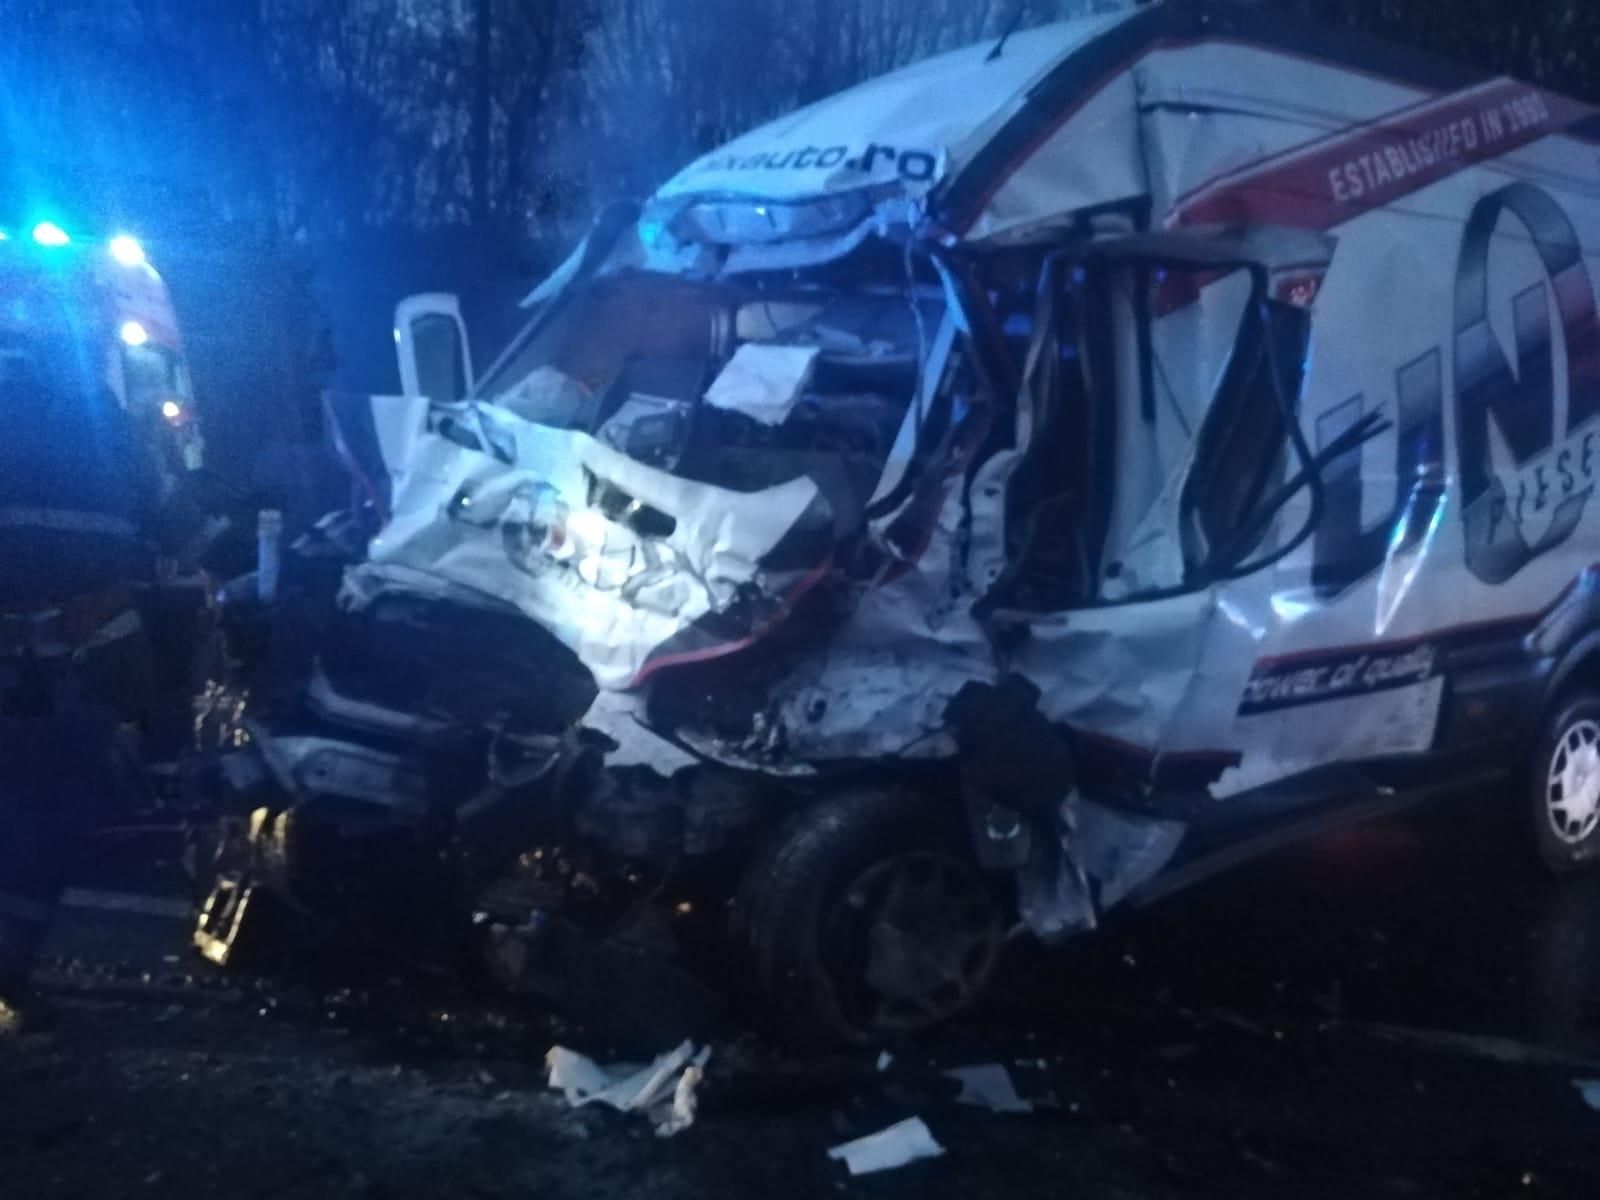 Doi morți în urma unui impact frontal între un microbuz și un autocamion